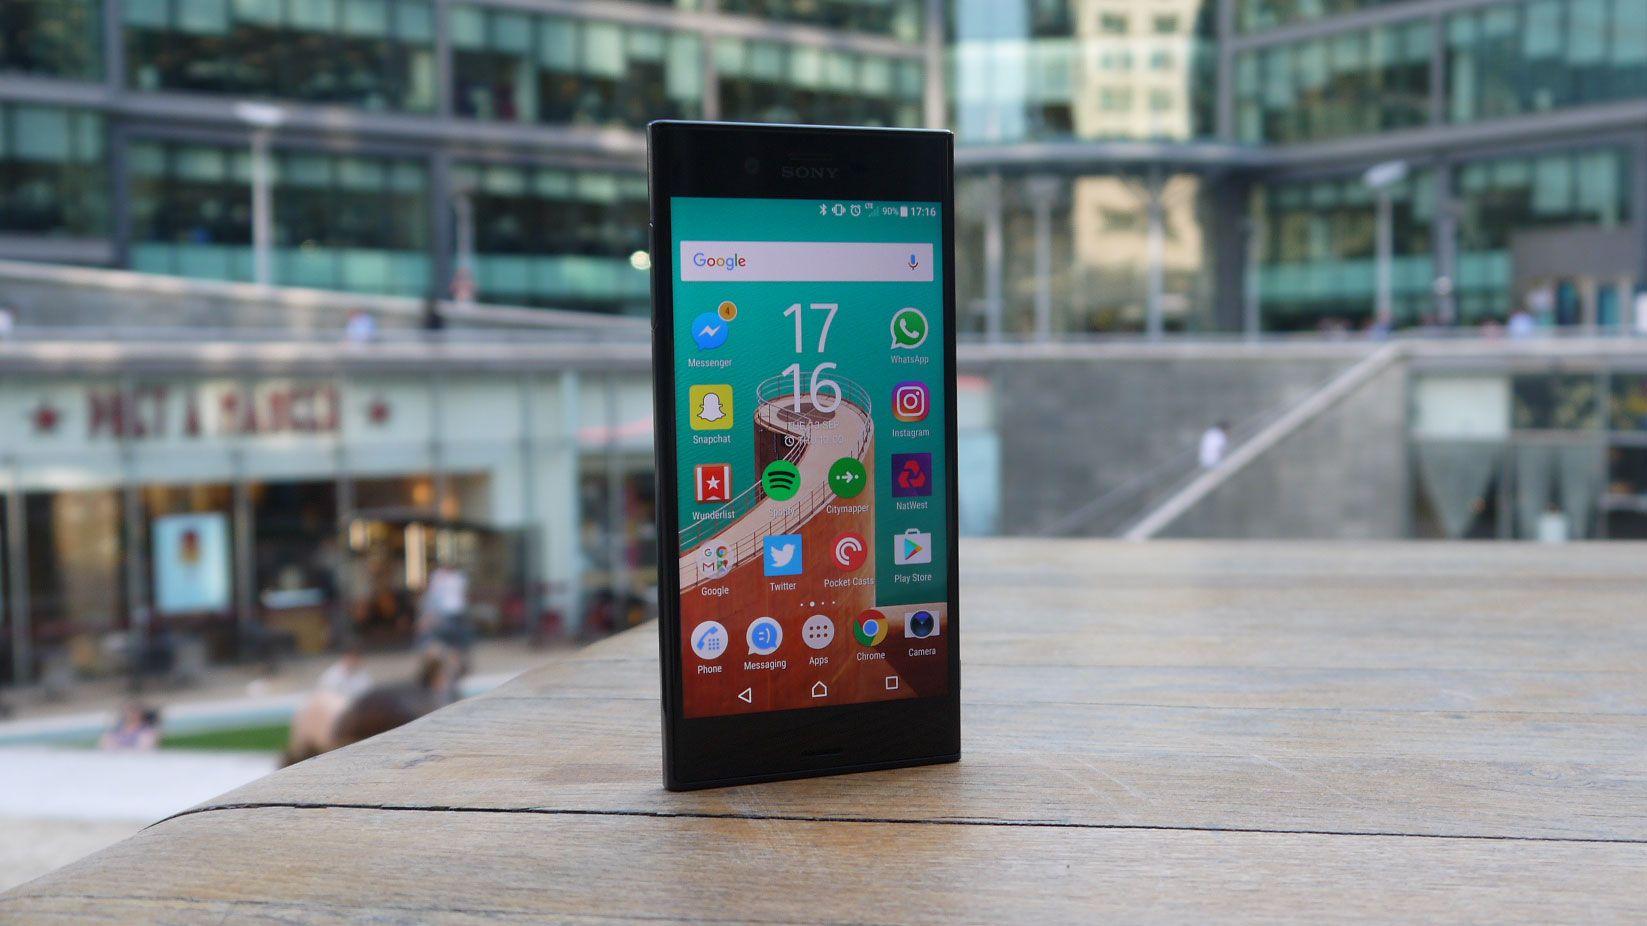 Die besten 25 bestes android handy ideen auf pinterest android handys android apps und - Android app ideen ...